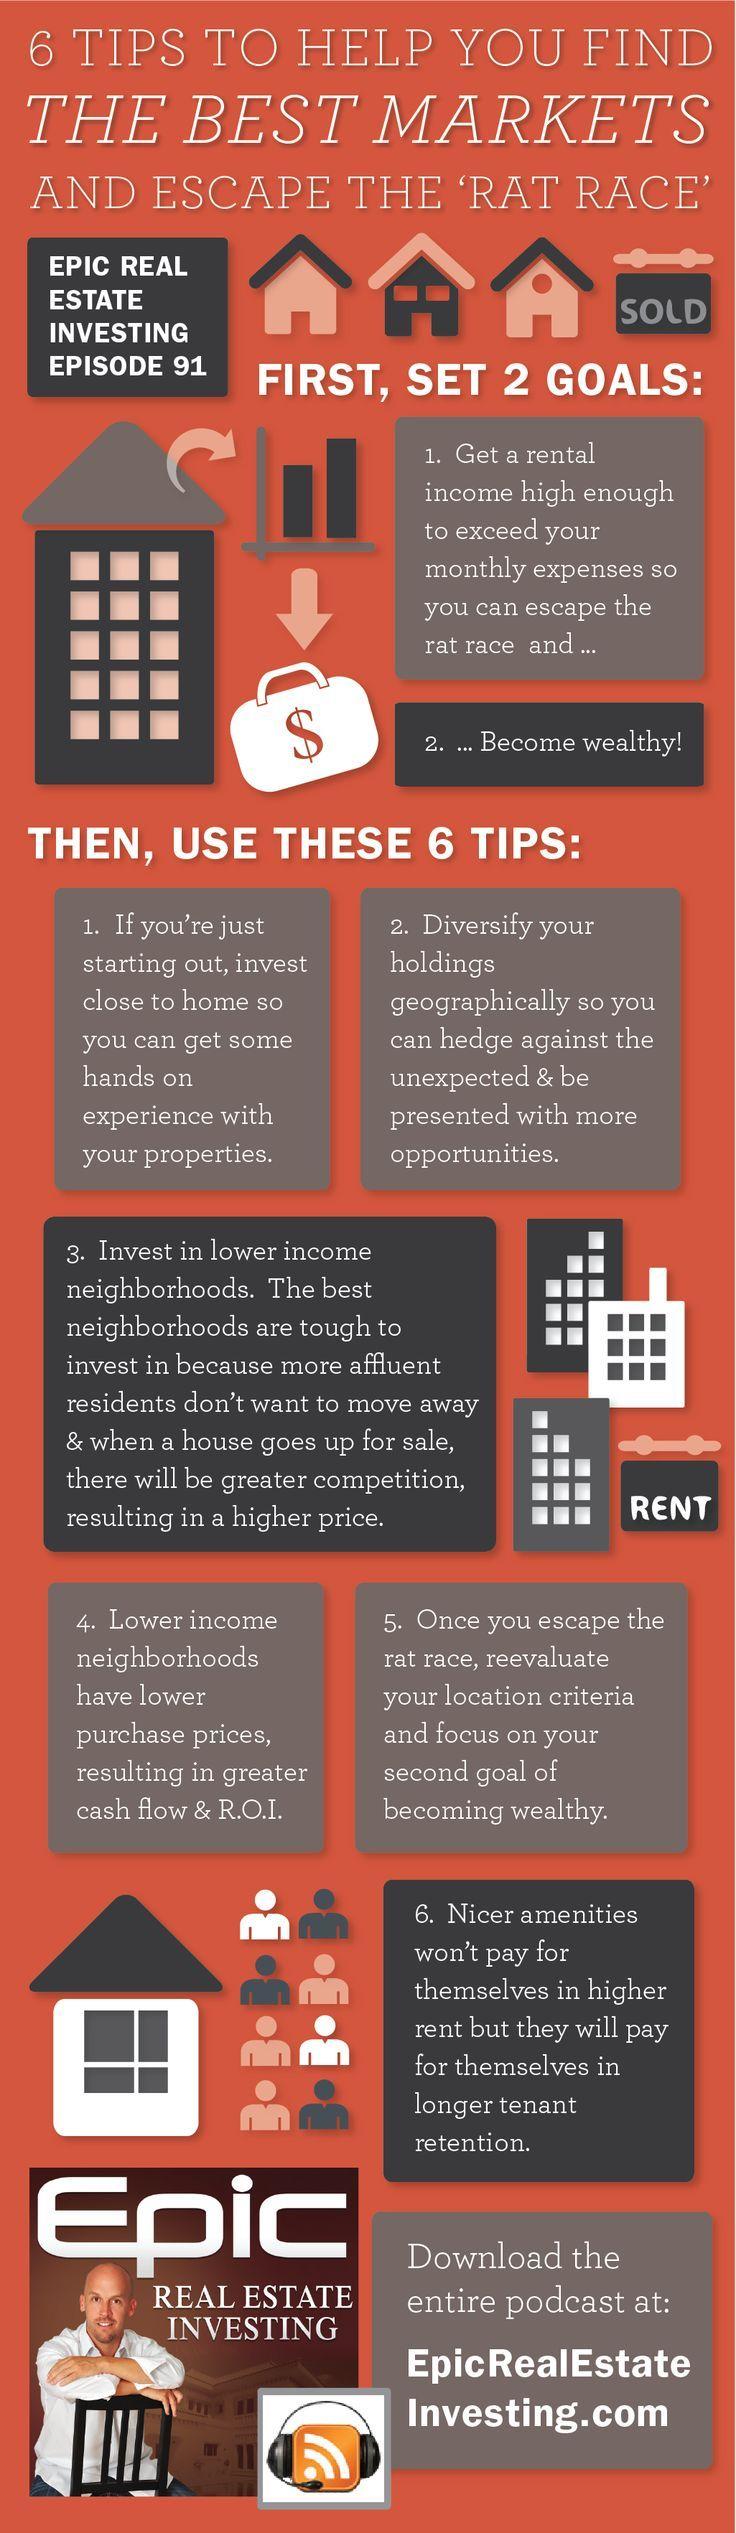 Best 25+ Rental Property Ideas On Pinterest  Investing In Rental Property,  Investment Property And Investing In Property